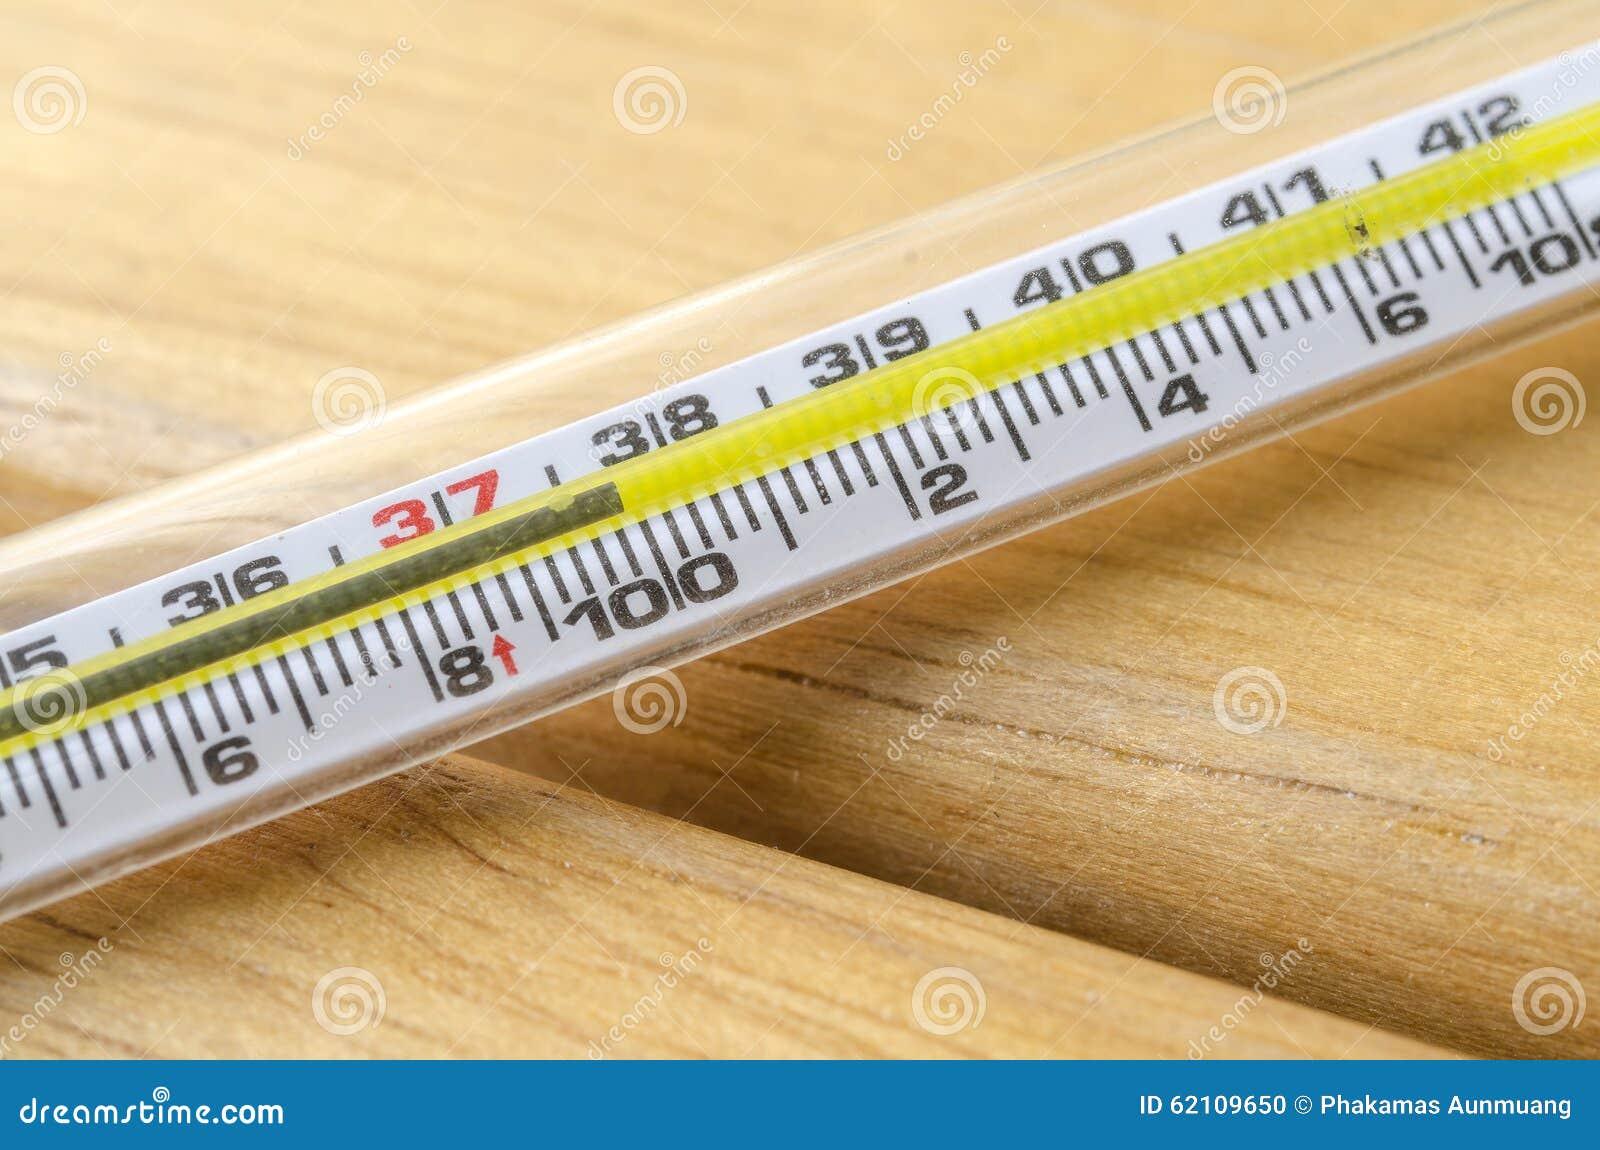 人体温度计_体温计,为测量人体温度使用.